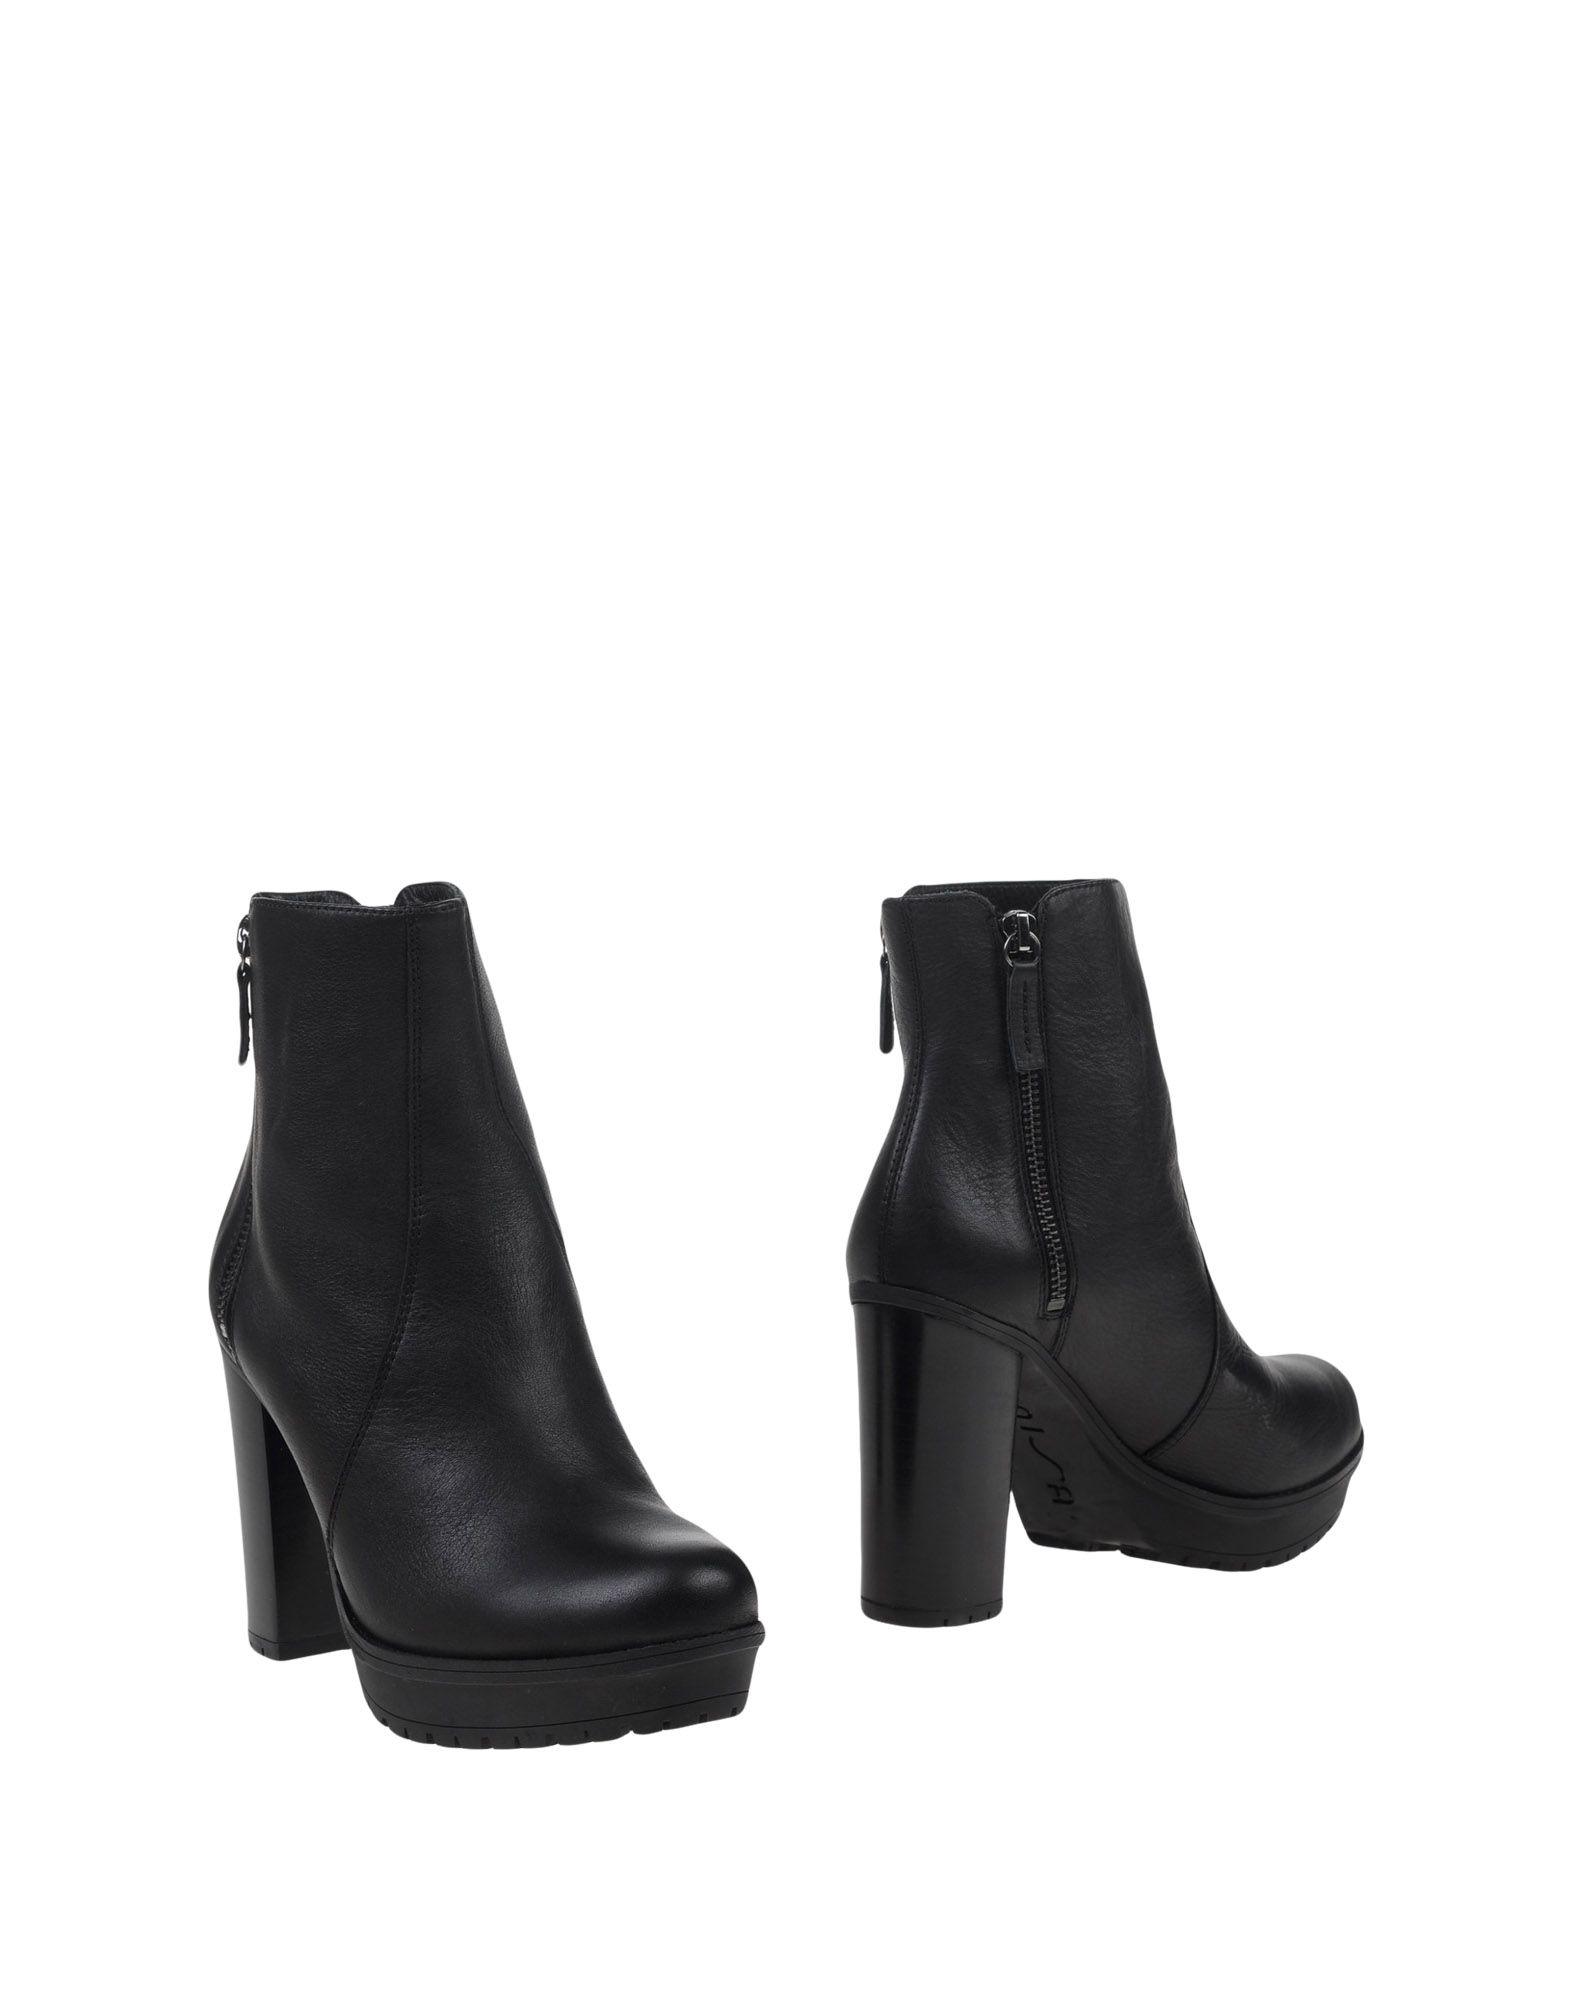 Unisa Stiefelette Damen  beliebte 11135477PX Gute Qualität beliebte  Schuhe c773a4